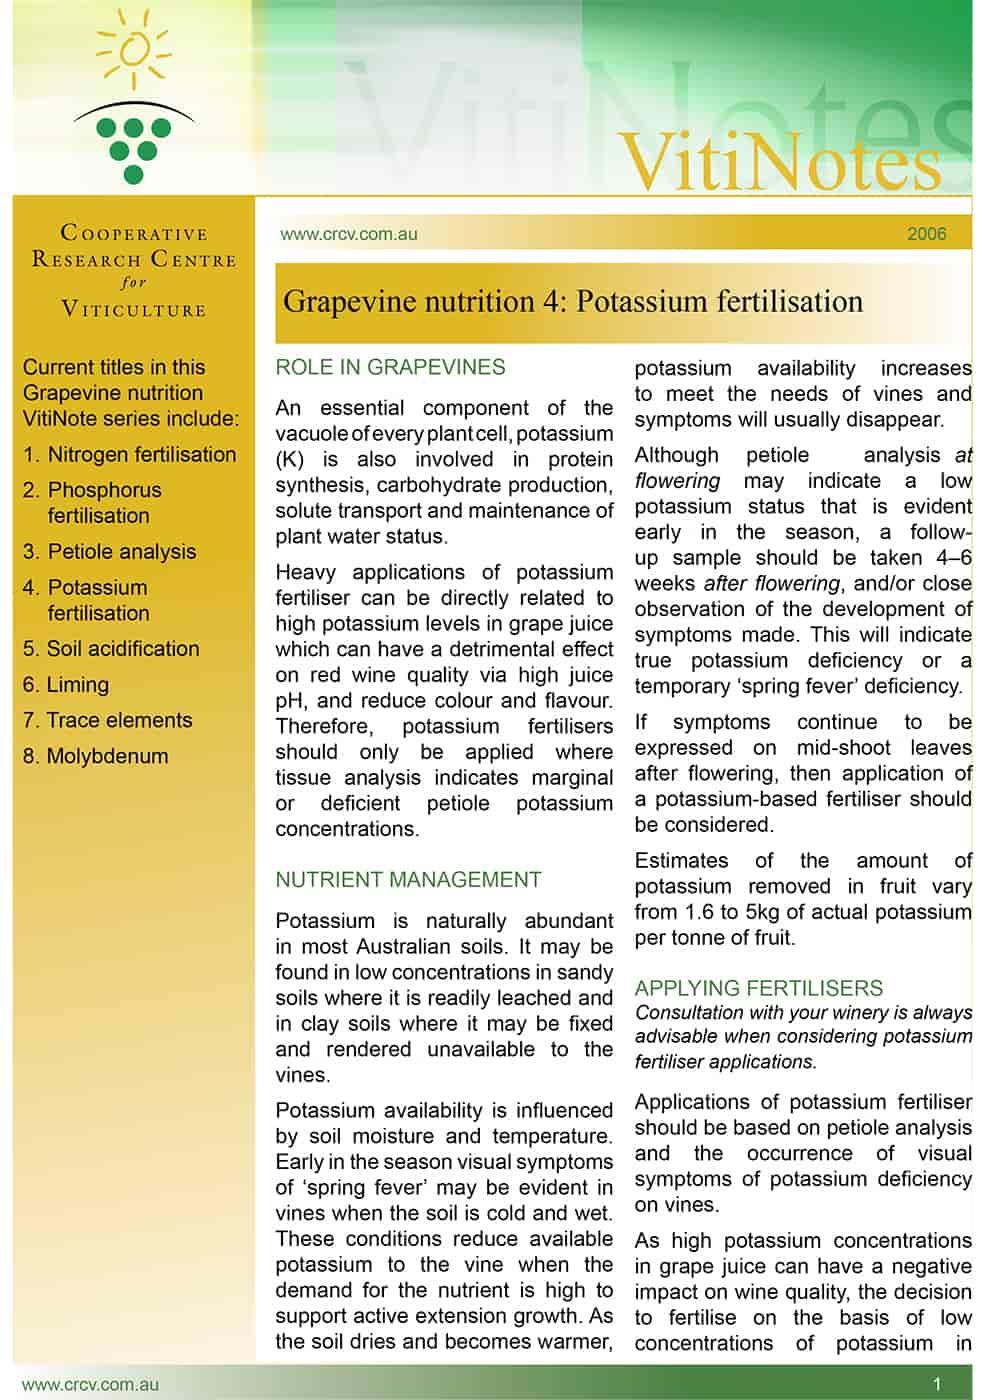 Grapevine nutrition 4: Potassium fertilisation